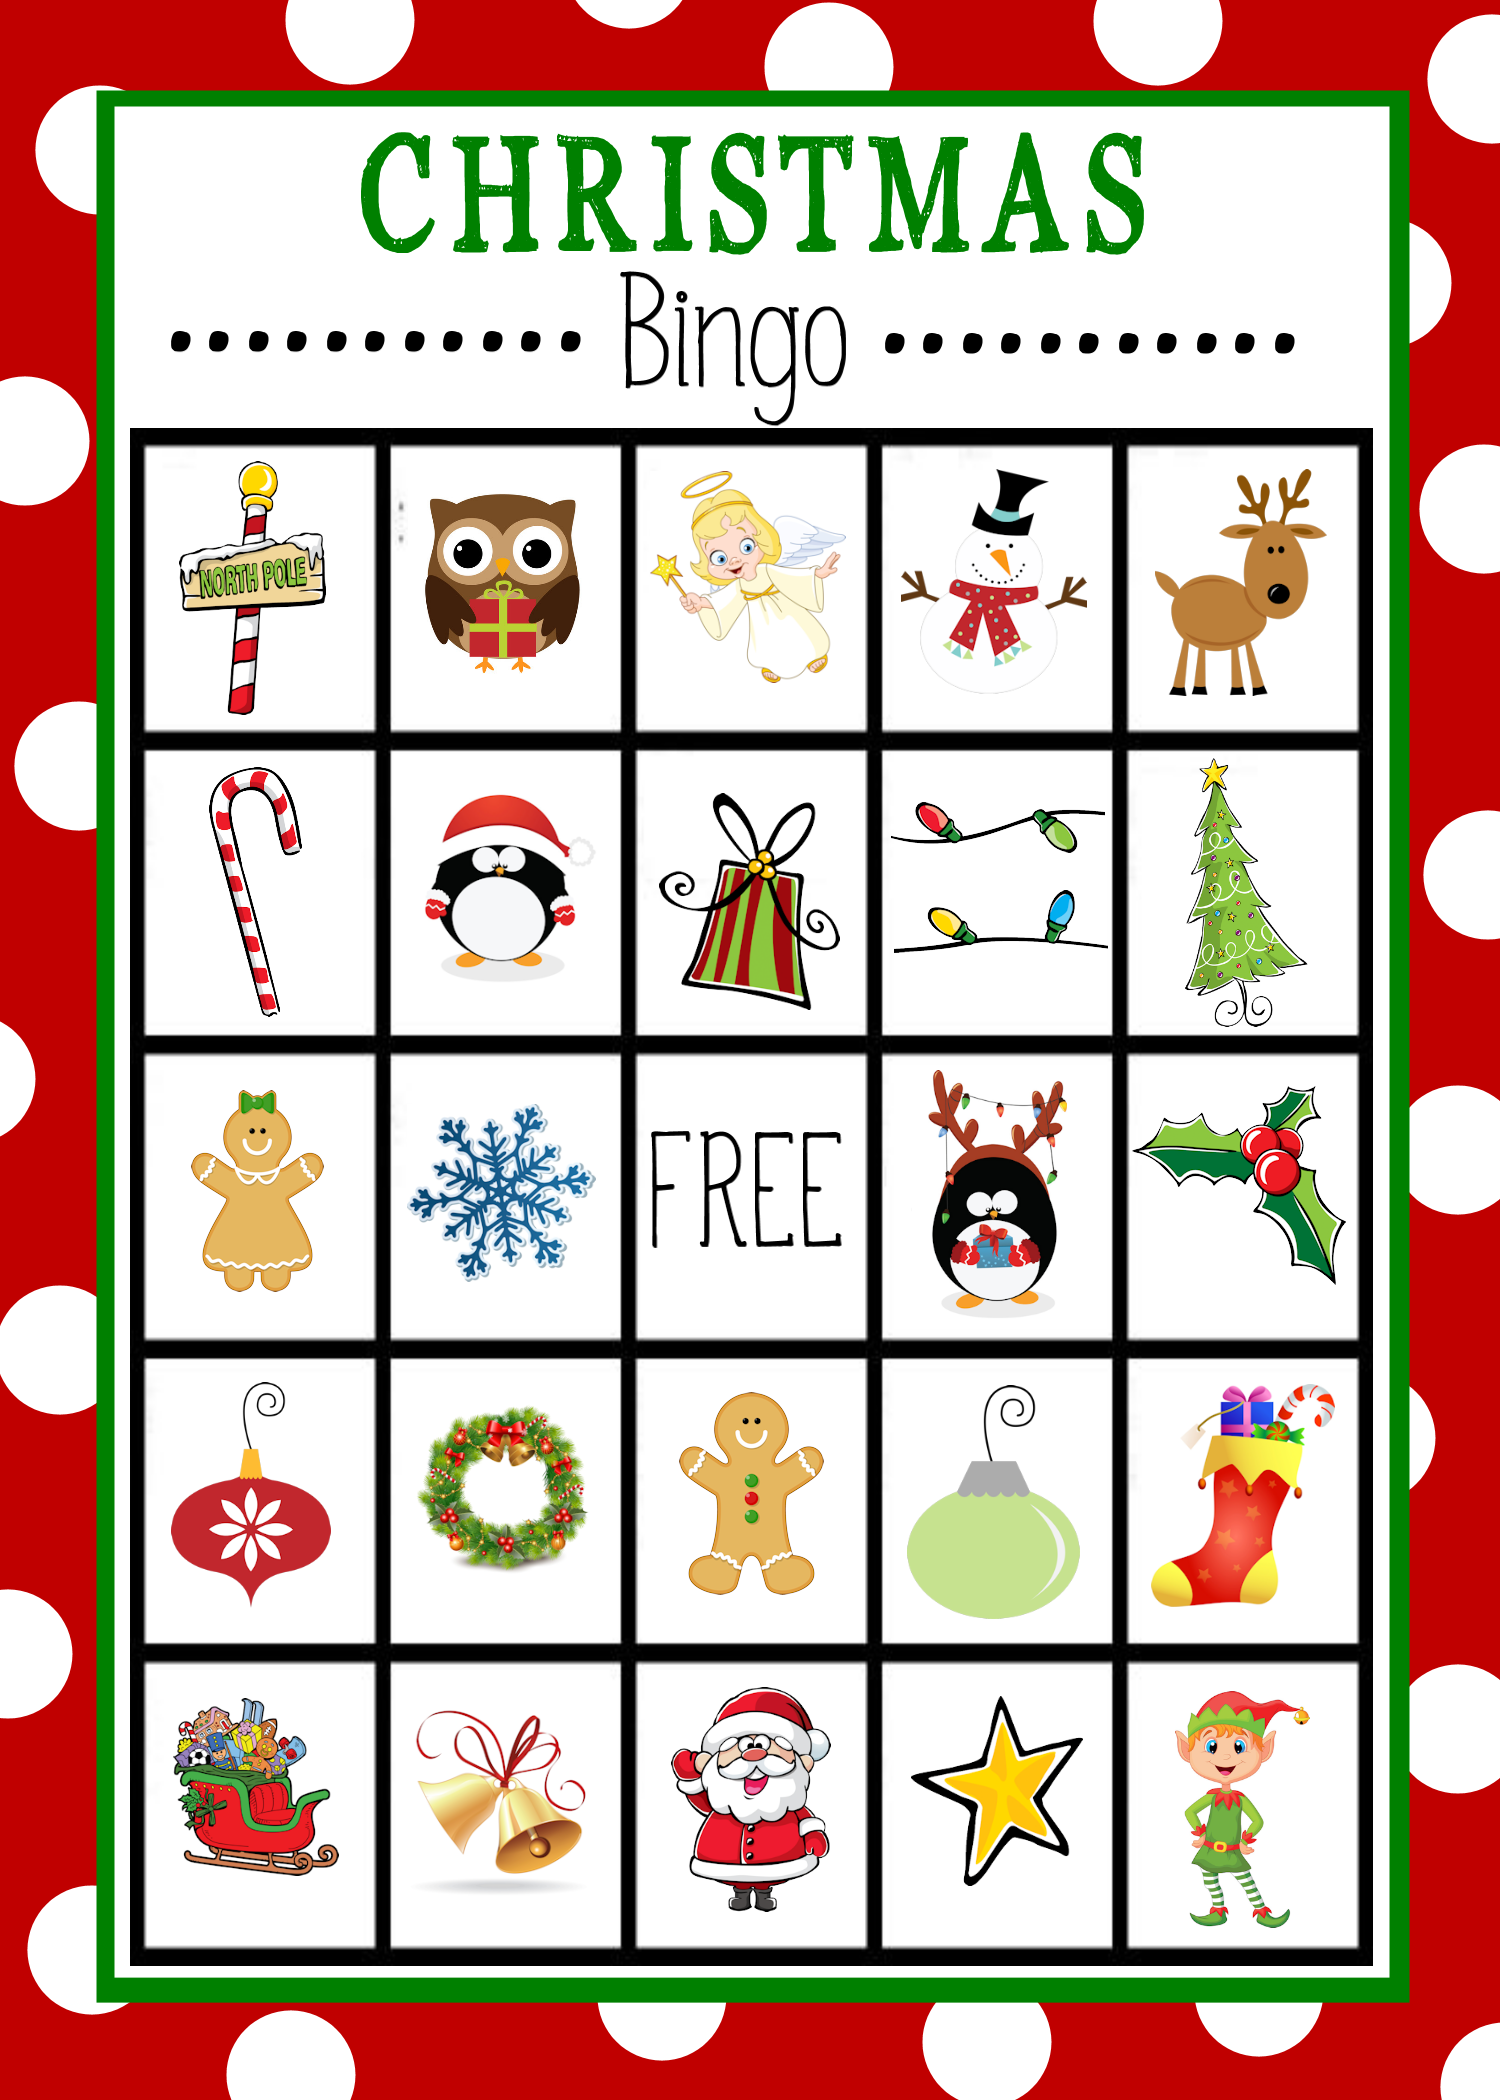 Printable Christmas Bingo Games